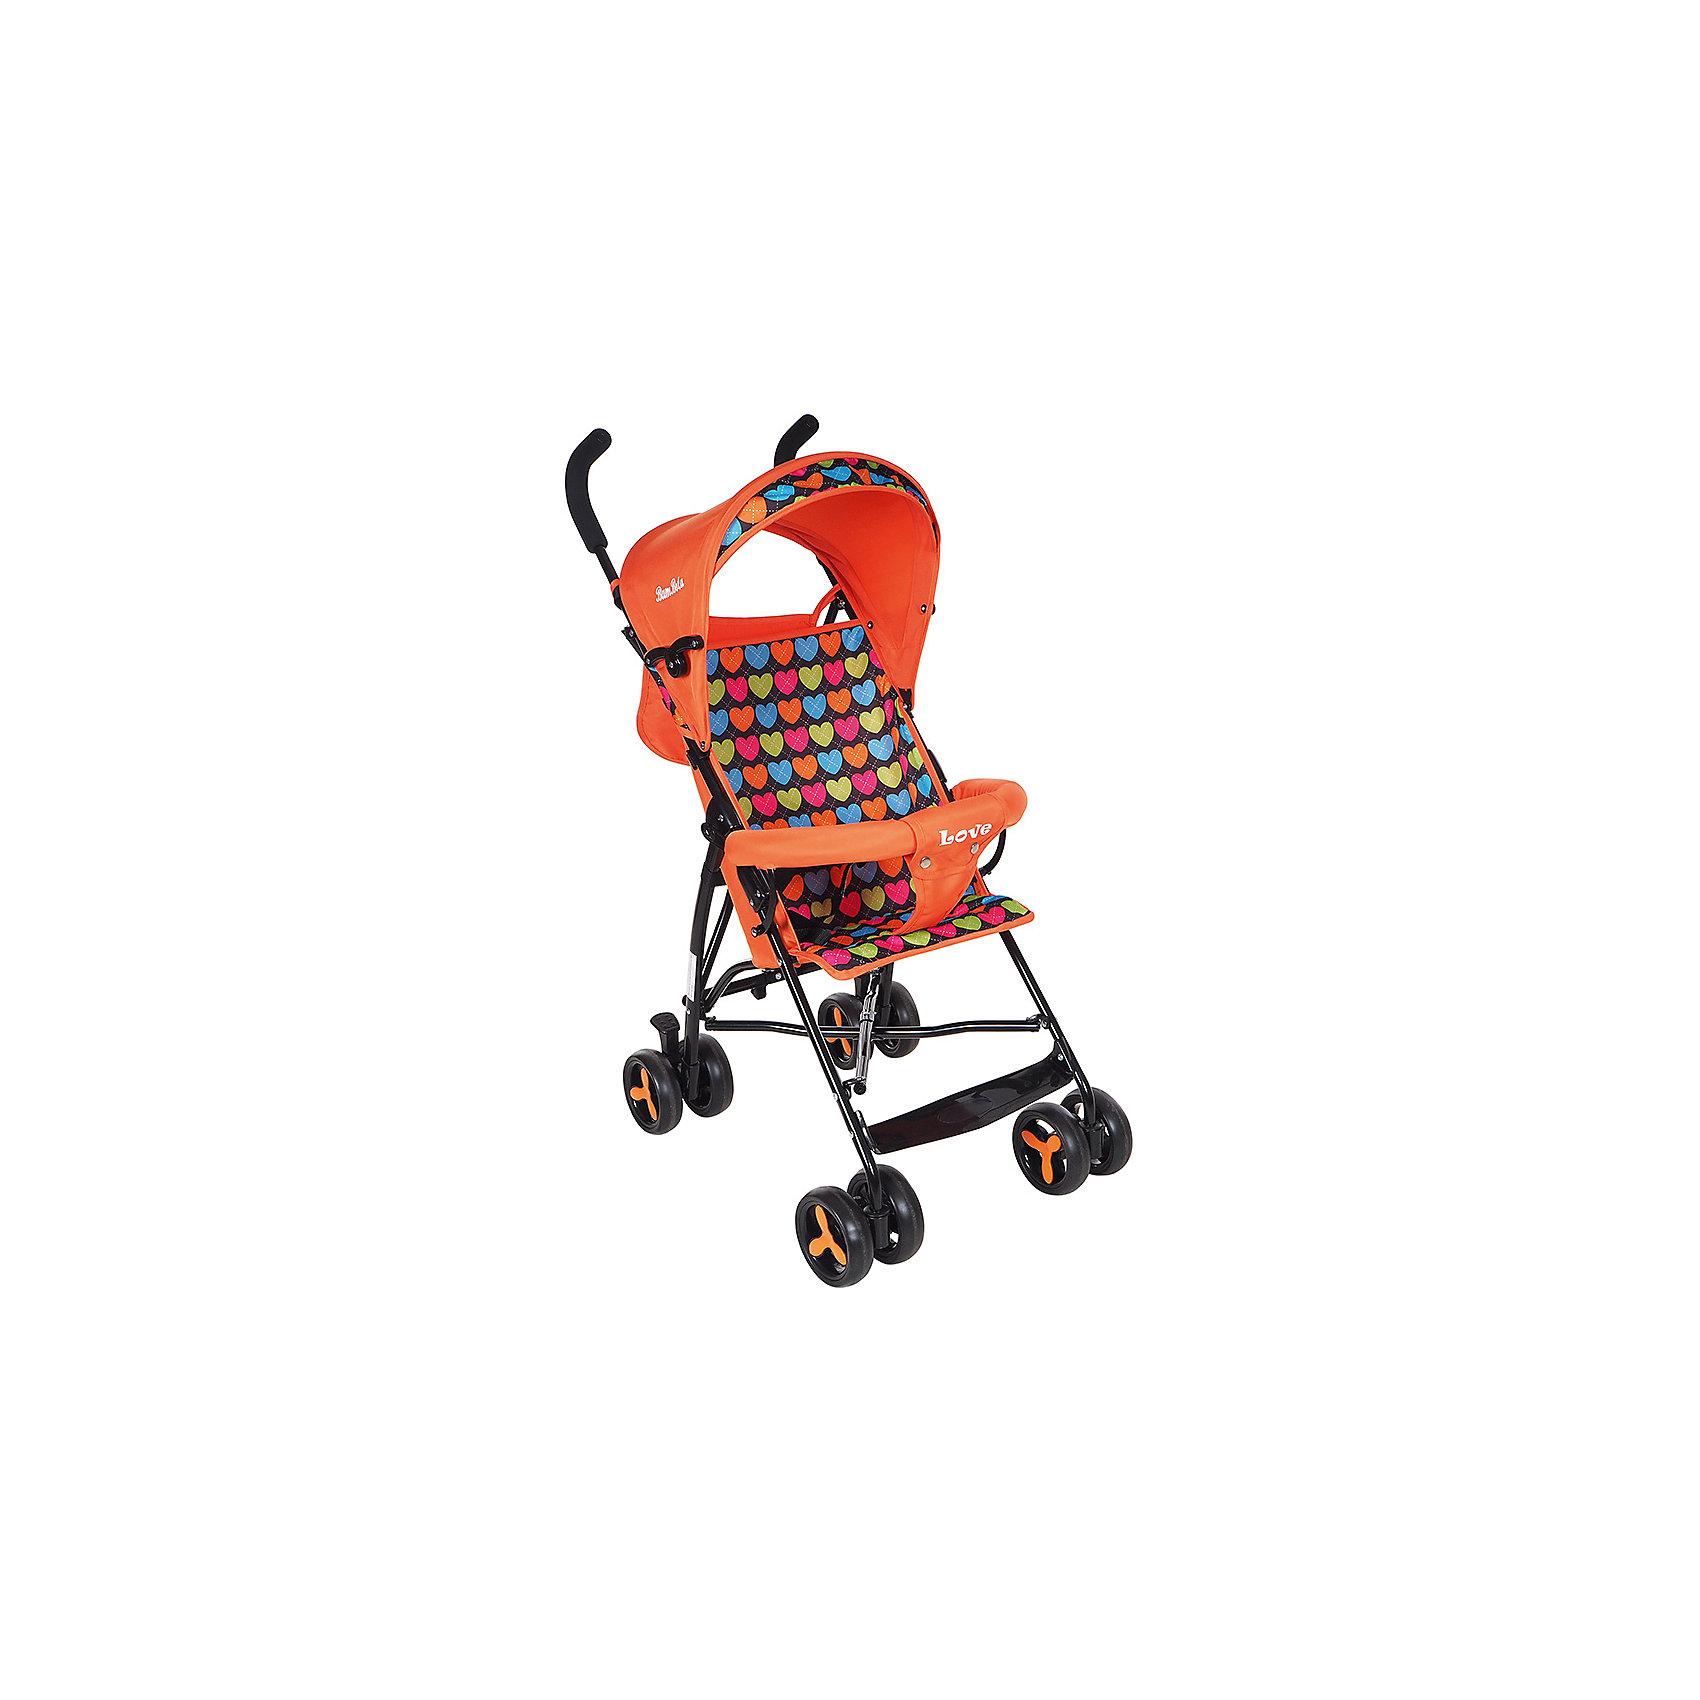 Коляска-трость Bambola Love, оранжевый